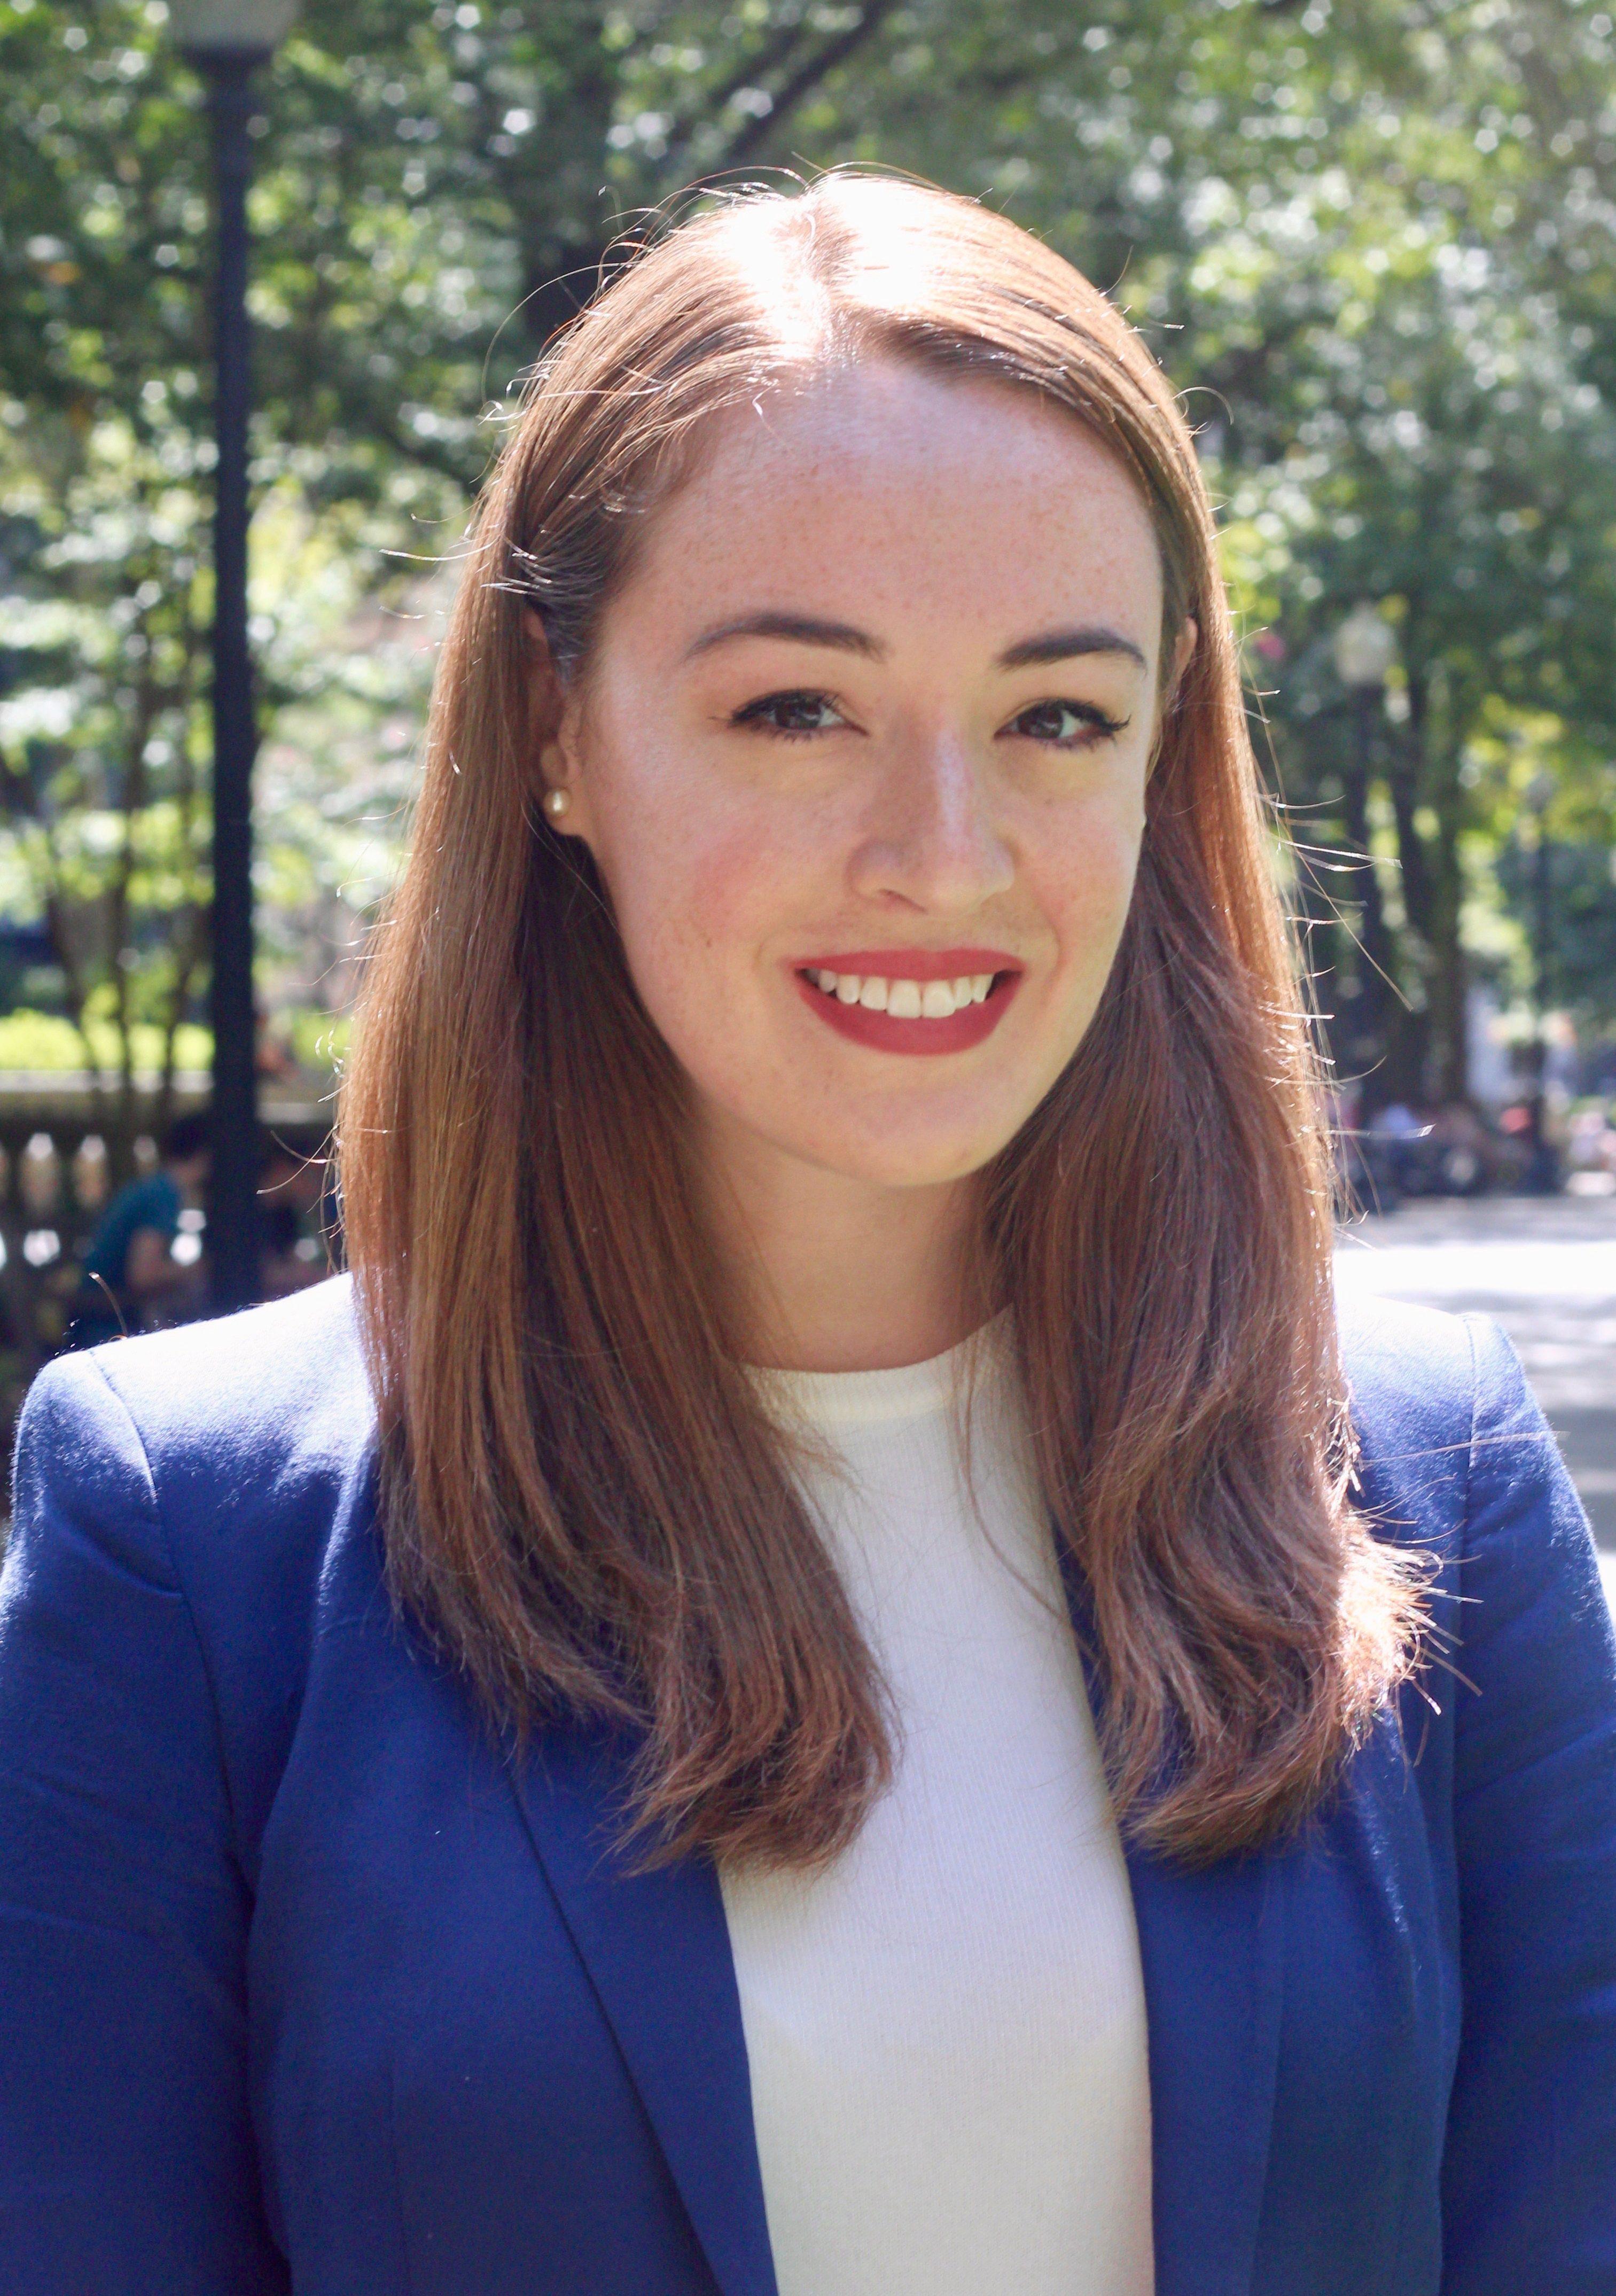 Caitlin Gorback